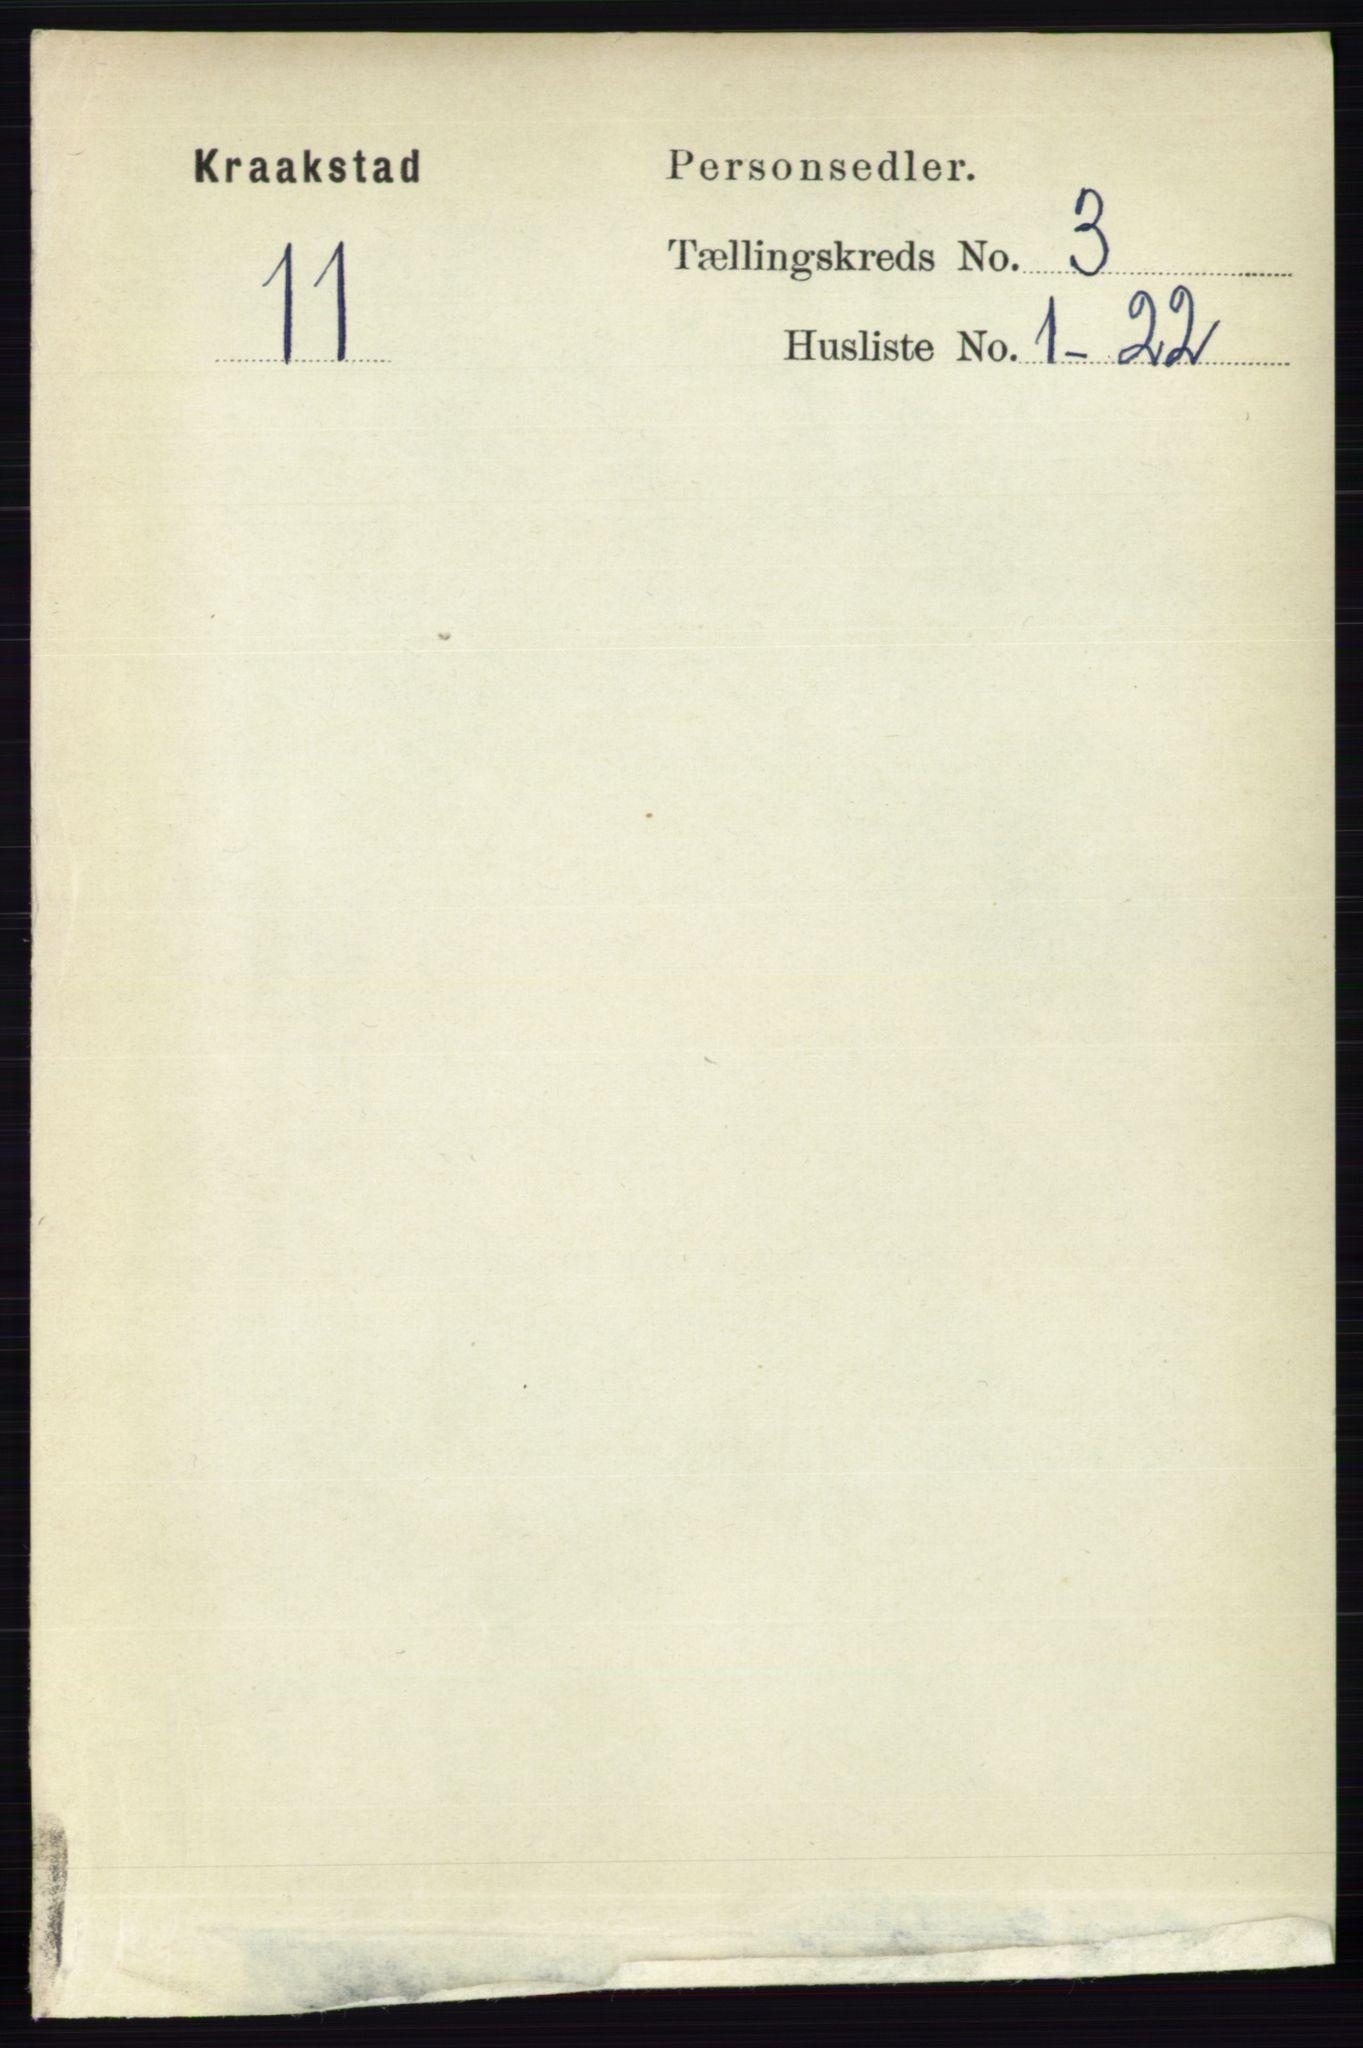 RA, Folketelling 1891 for 0212 Kråkstad herred, 1891, s. 1194